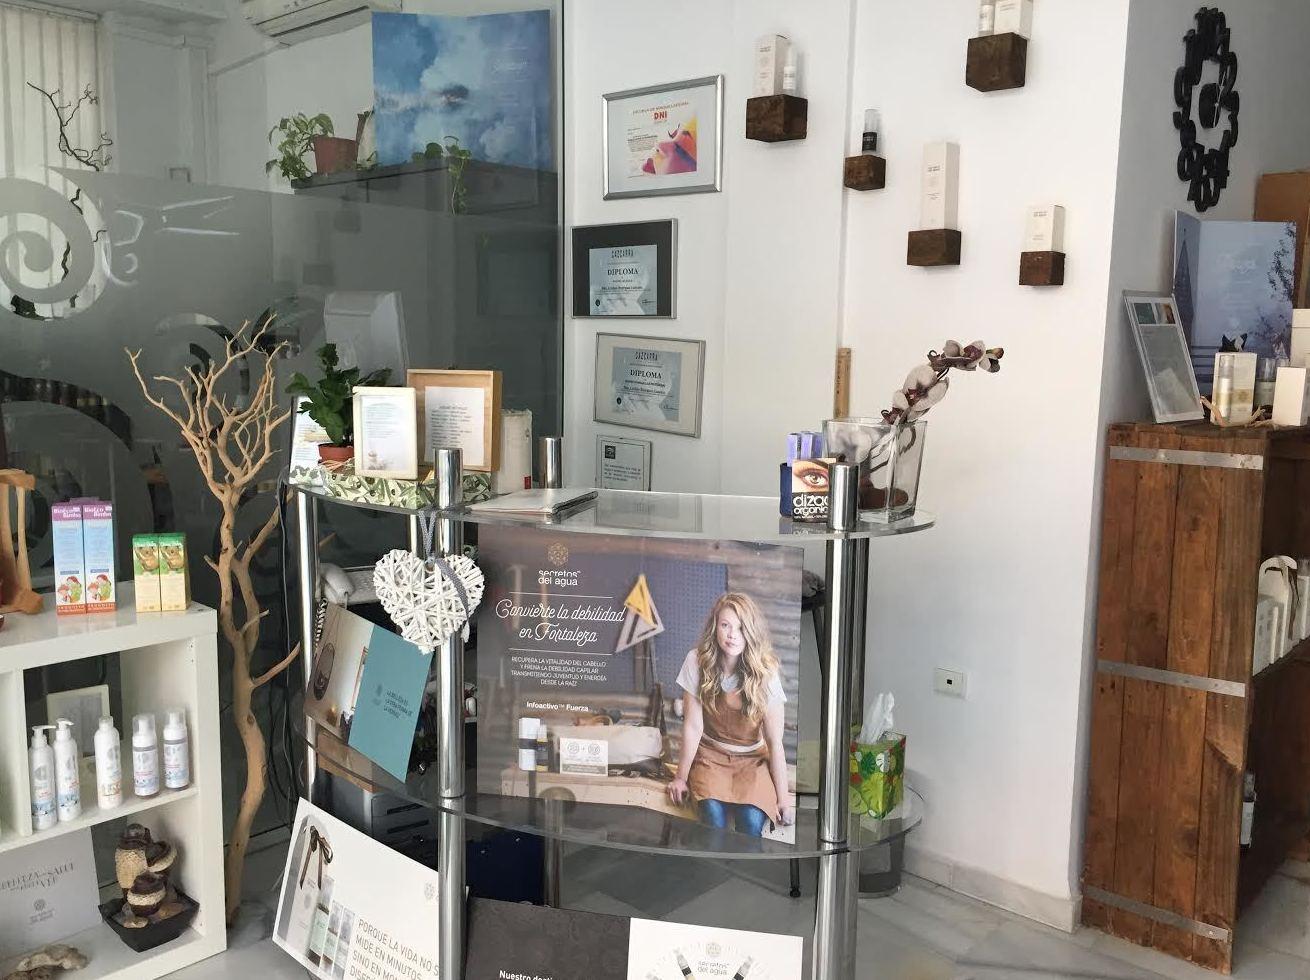 Foto 9 de Peluquería y estética en Málaga | Krysty Creando Belleza